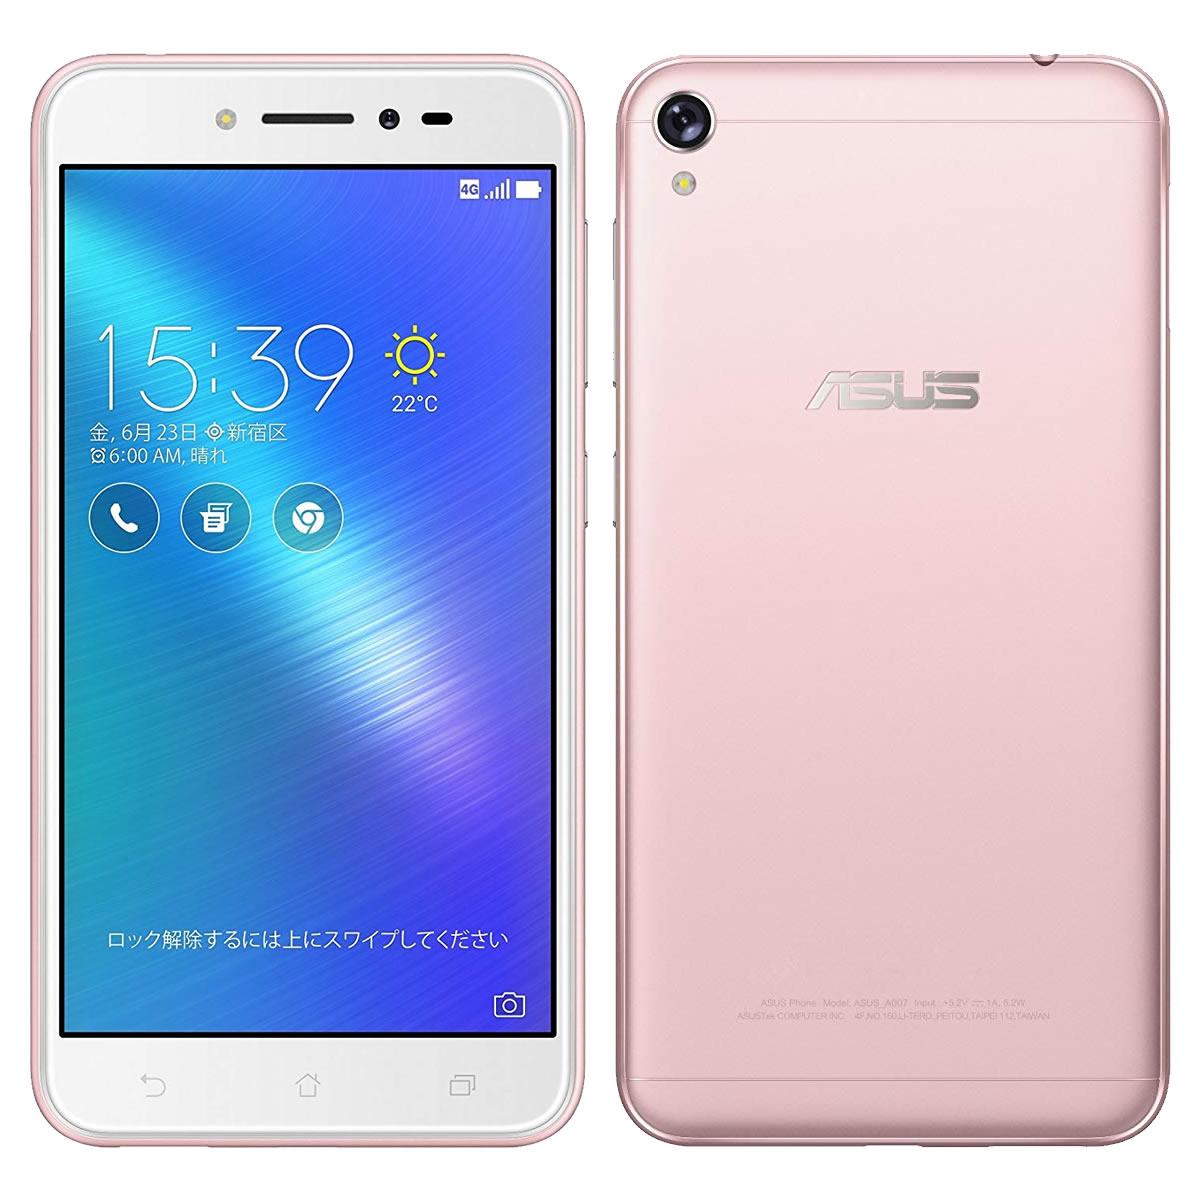 【最大10,000円クーポン配布中!】中古スマートフォンASUS ZenFone Live SIMフリー ローズピンク ZB501KL/PK 【中古】 ASUS ZenFone Live 中古スマートフォンオクタコア Android6.0 ASUS Zen